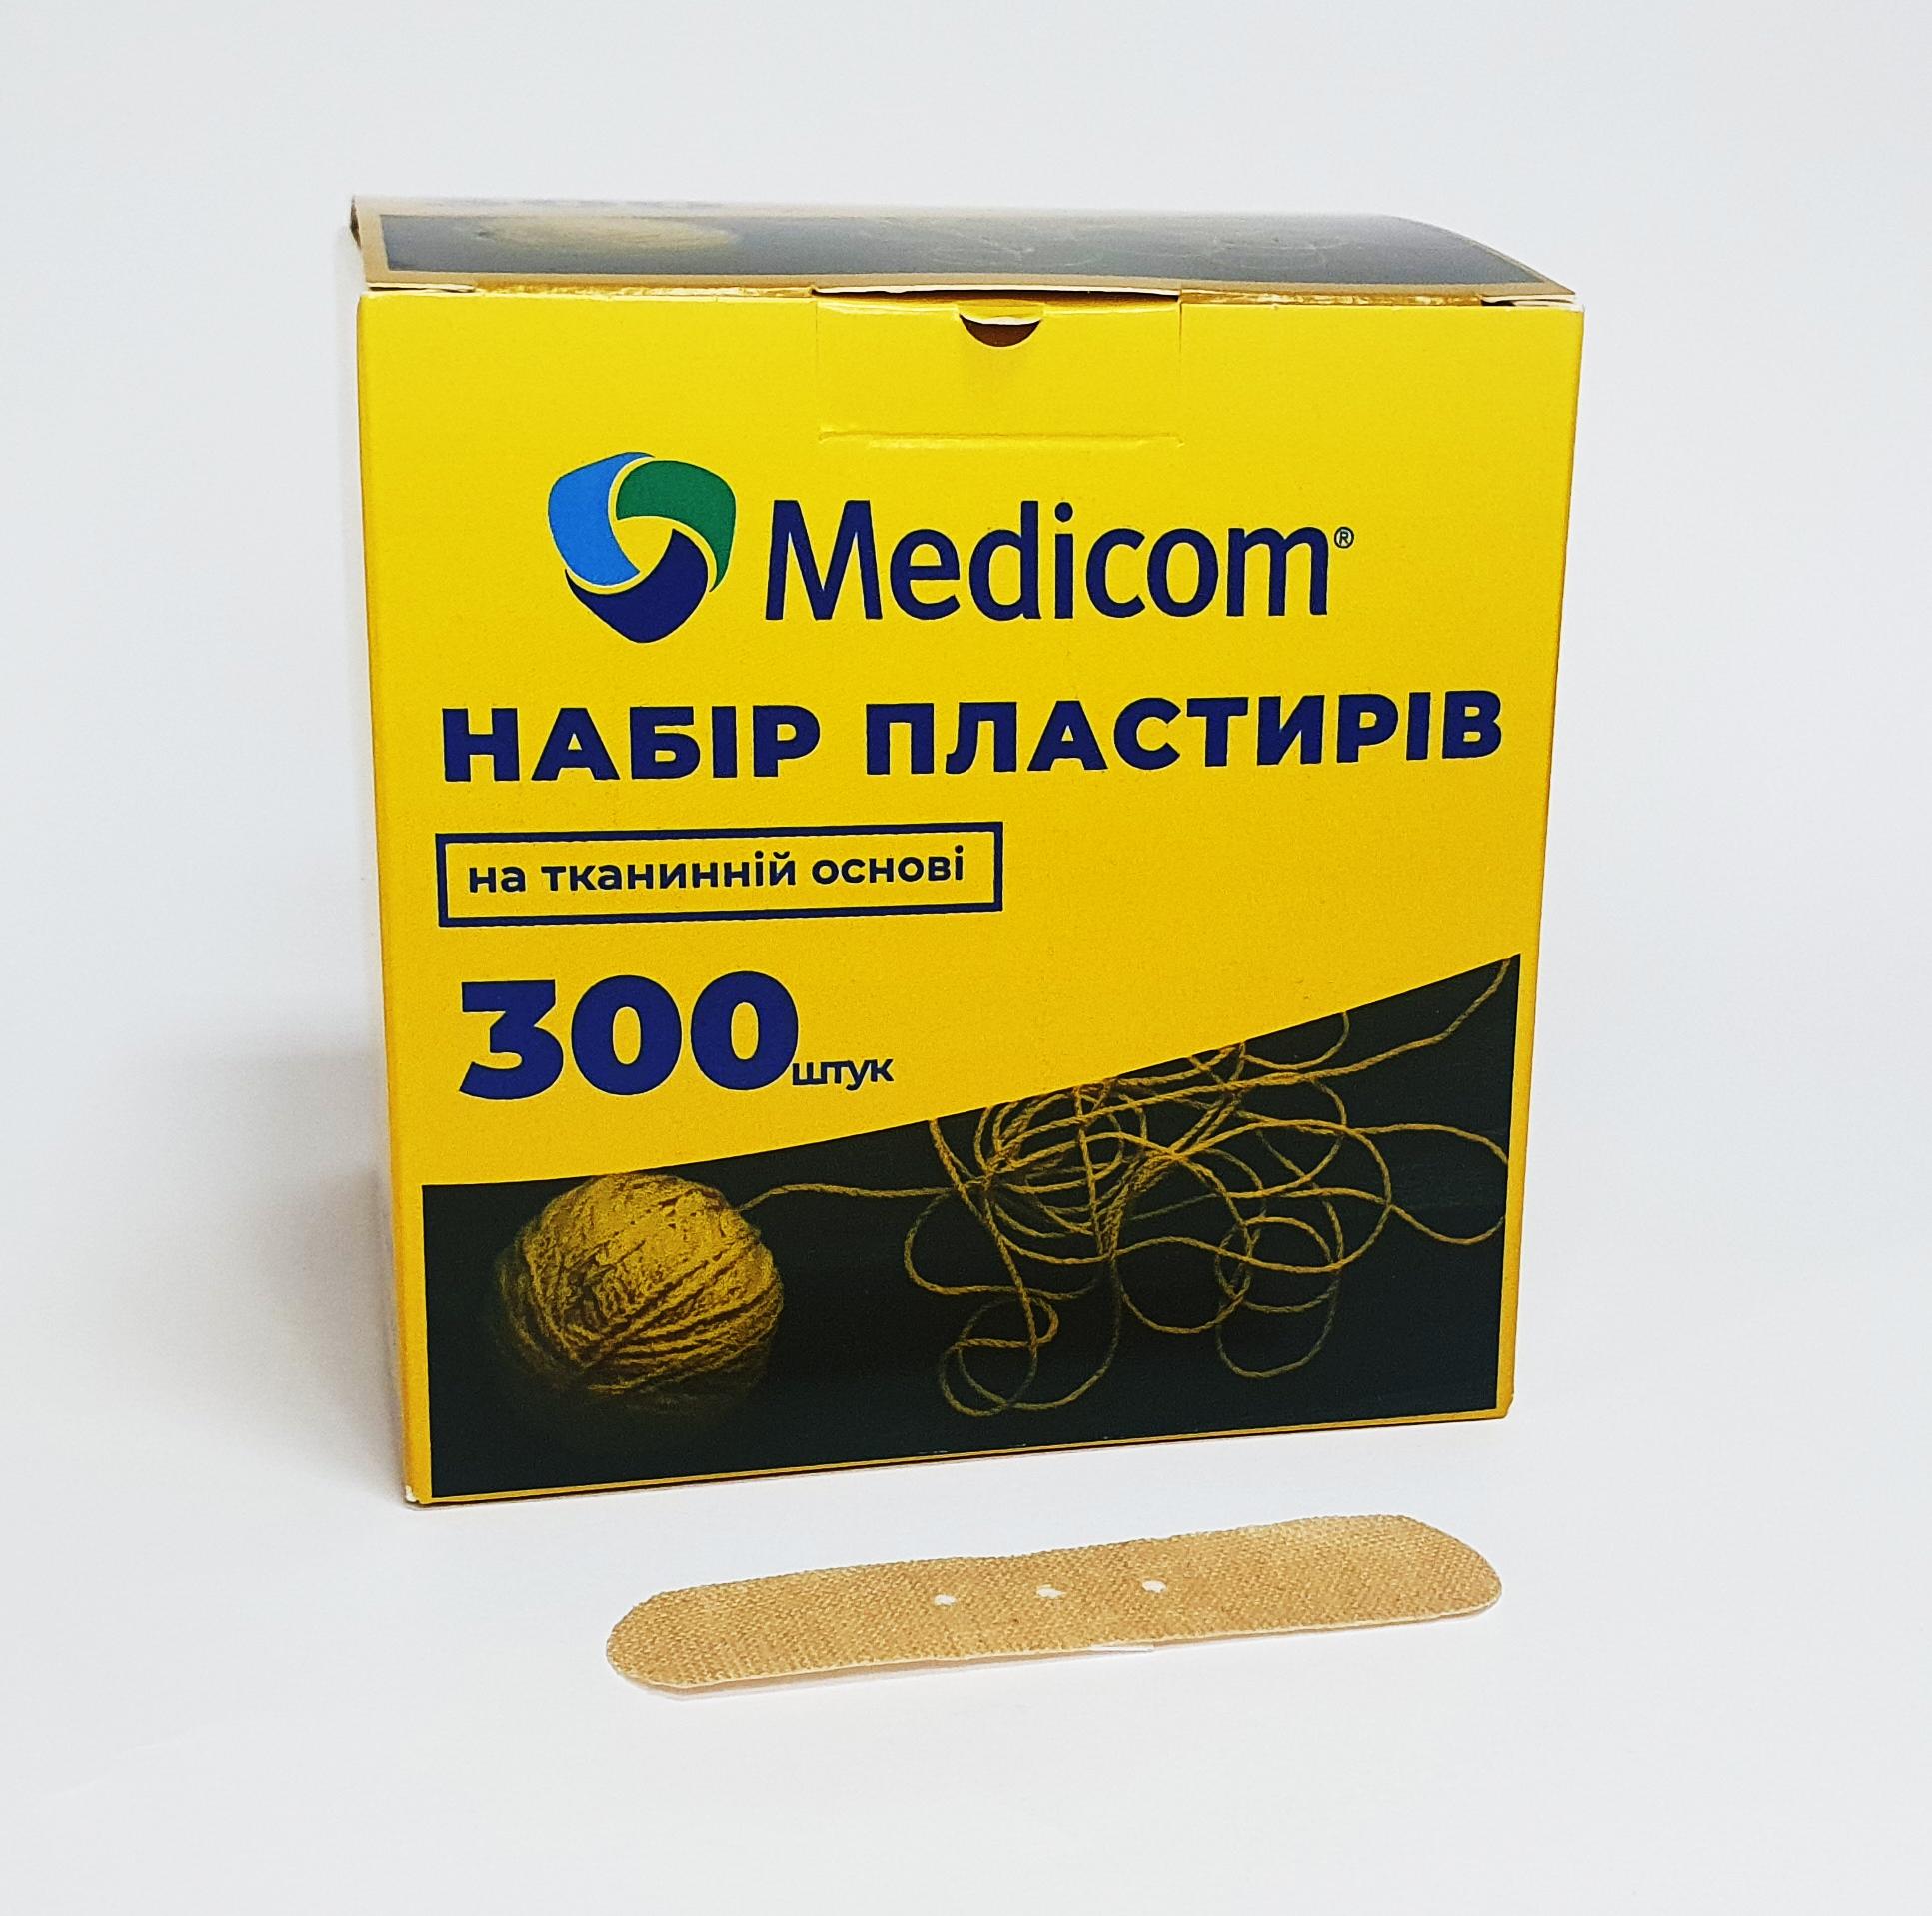 Артикул 2010mc. Набор пластырей MEDICOM®, 300 пластырей на тканевой основе, 19мм*72мм